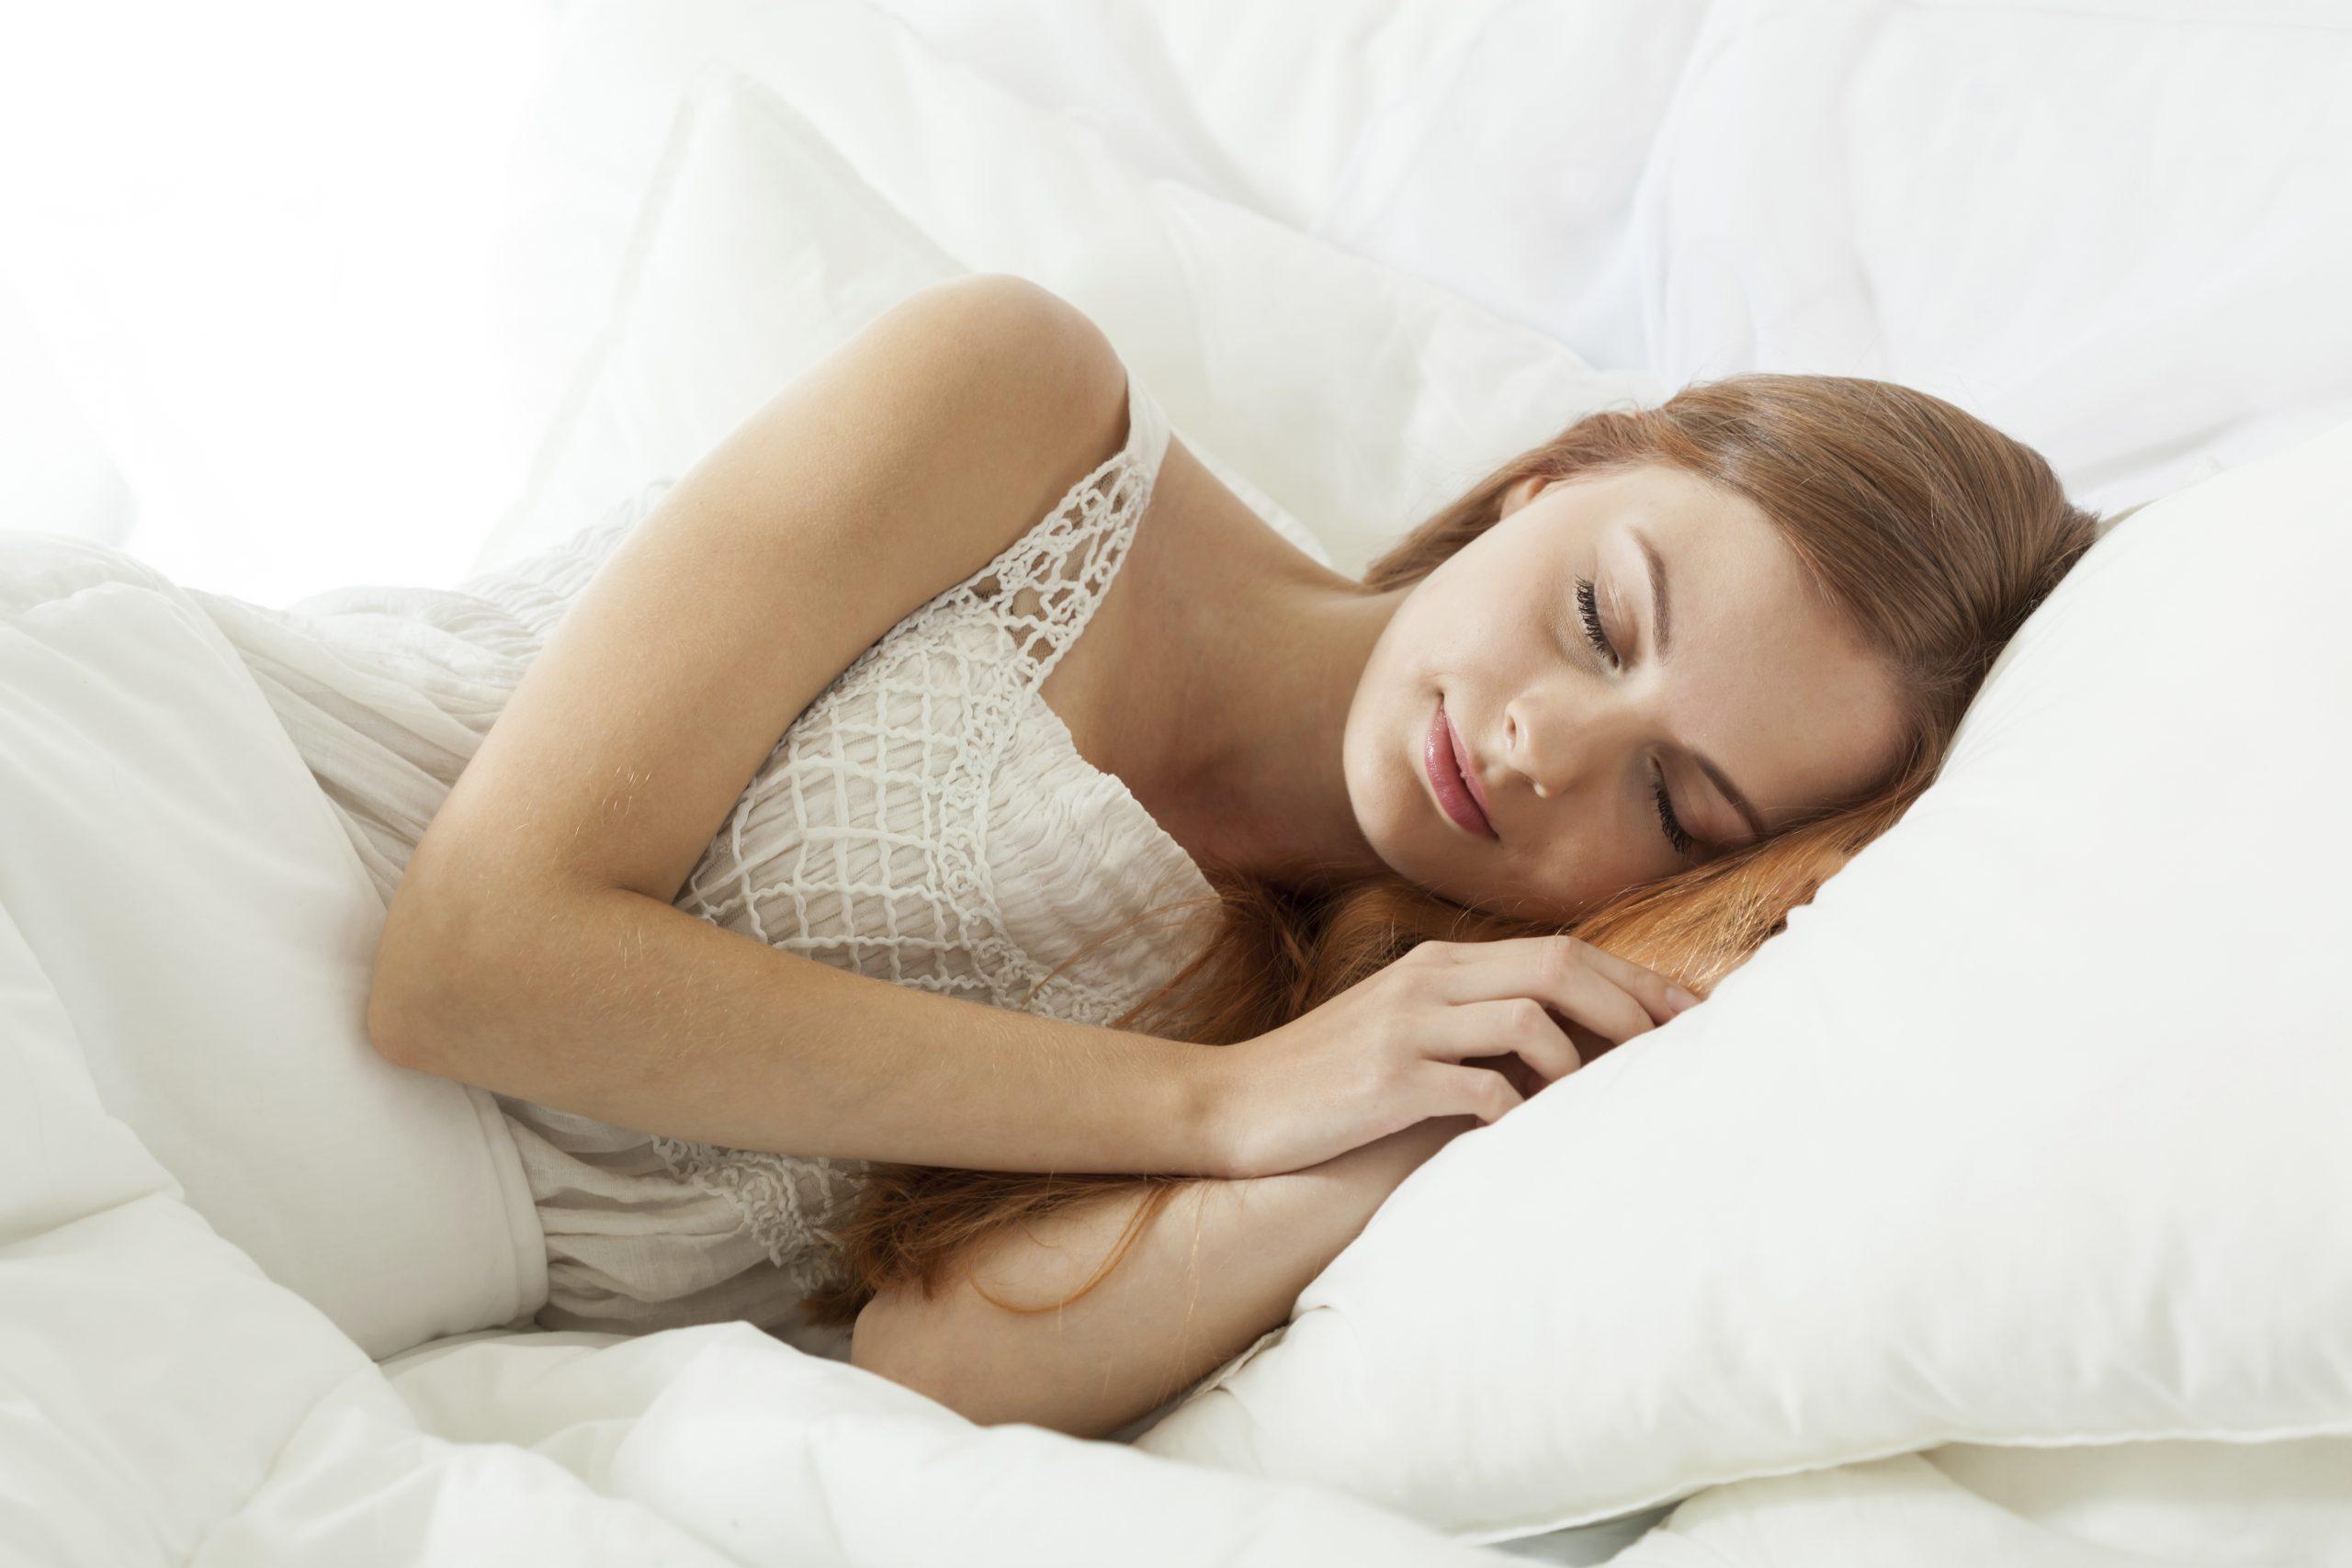 donna che riposa presso l'hotel alle alpi beauty e relax